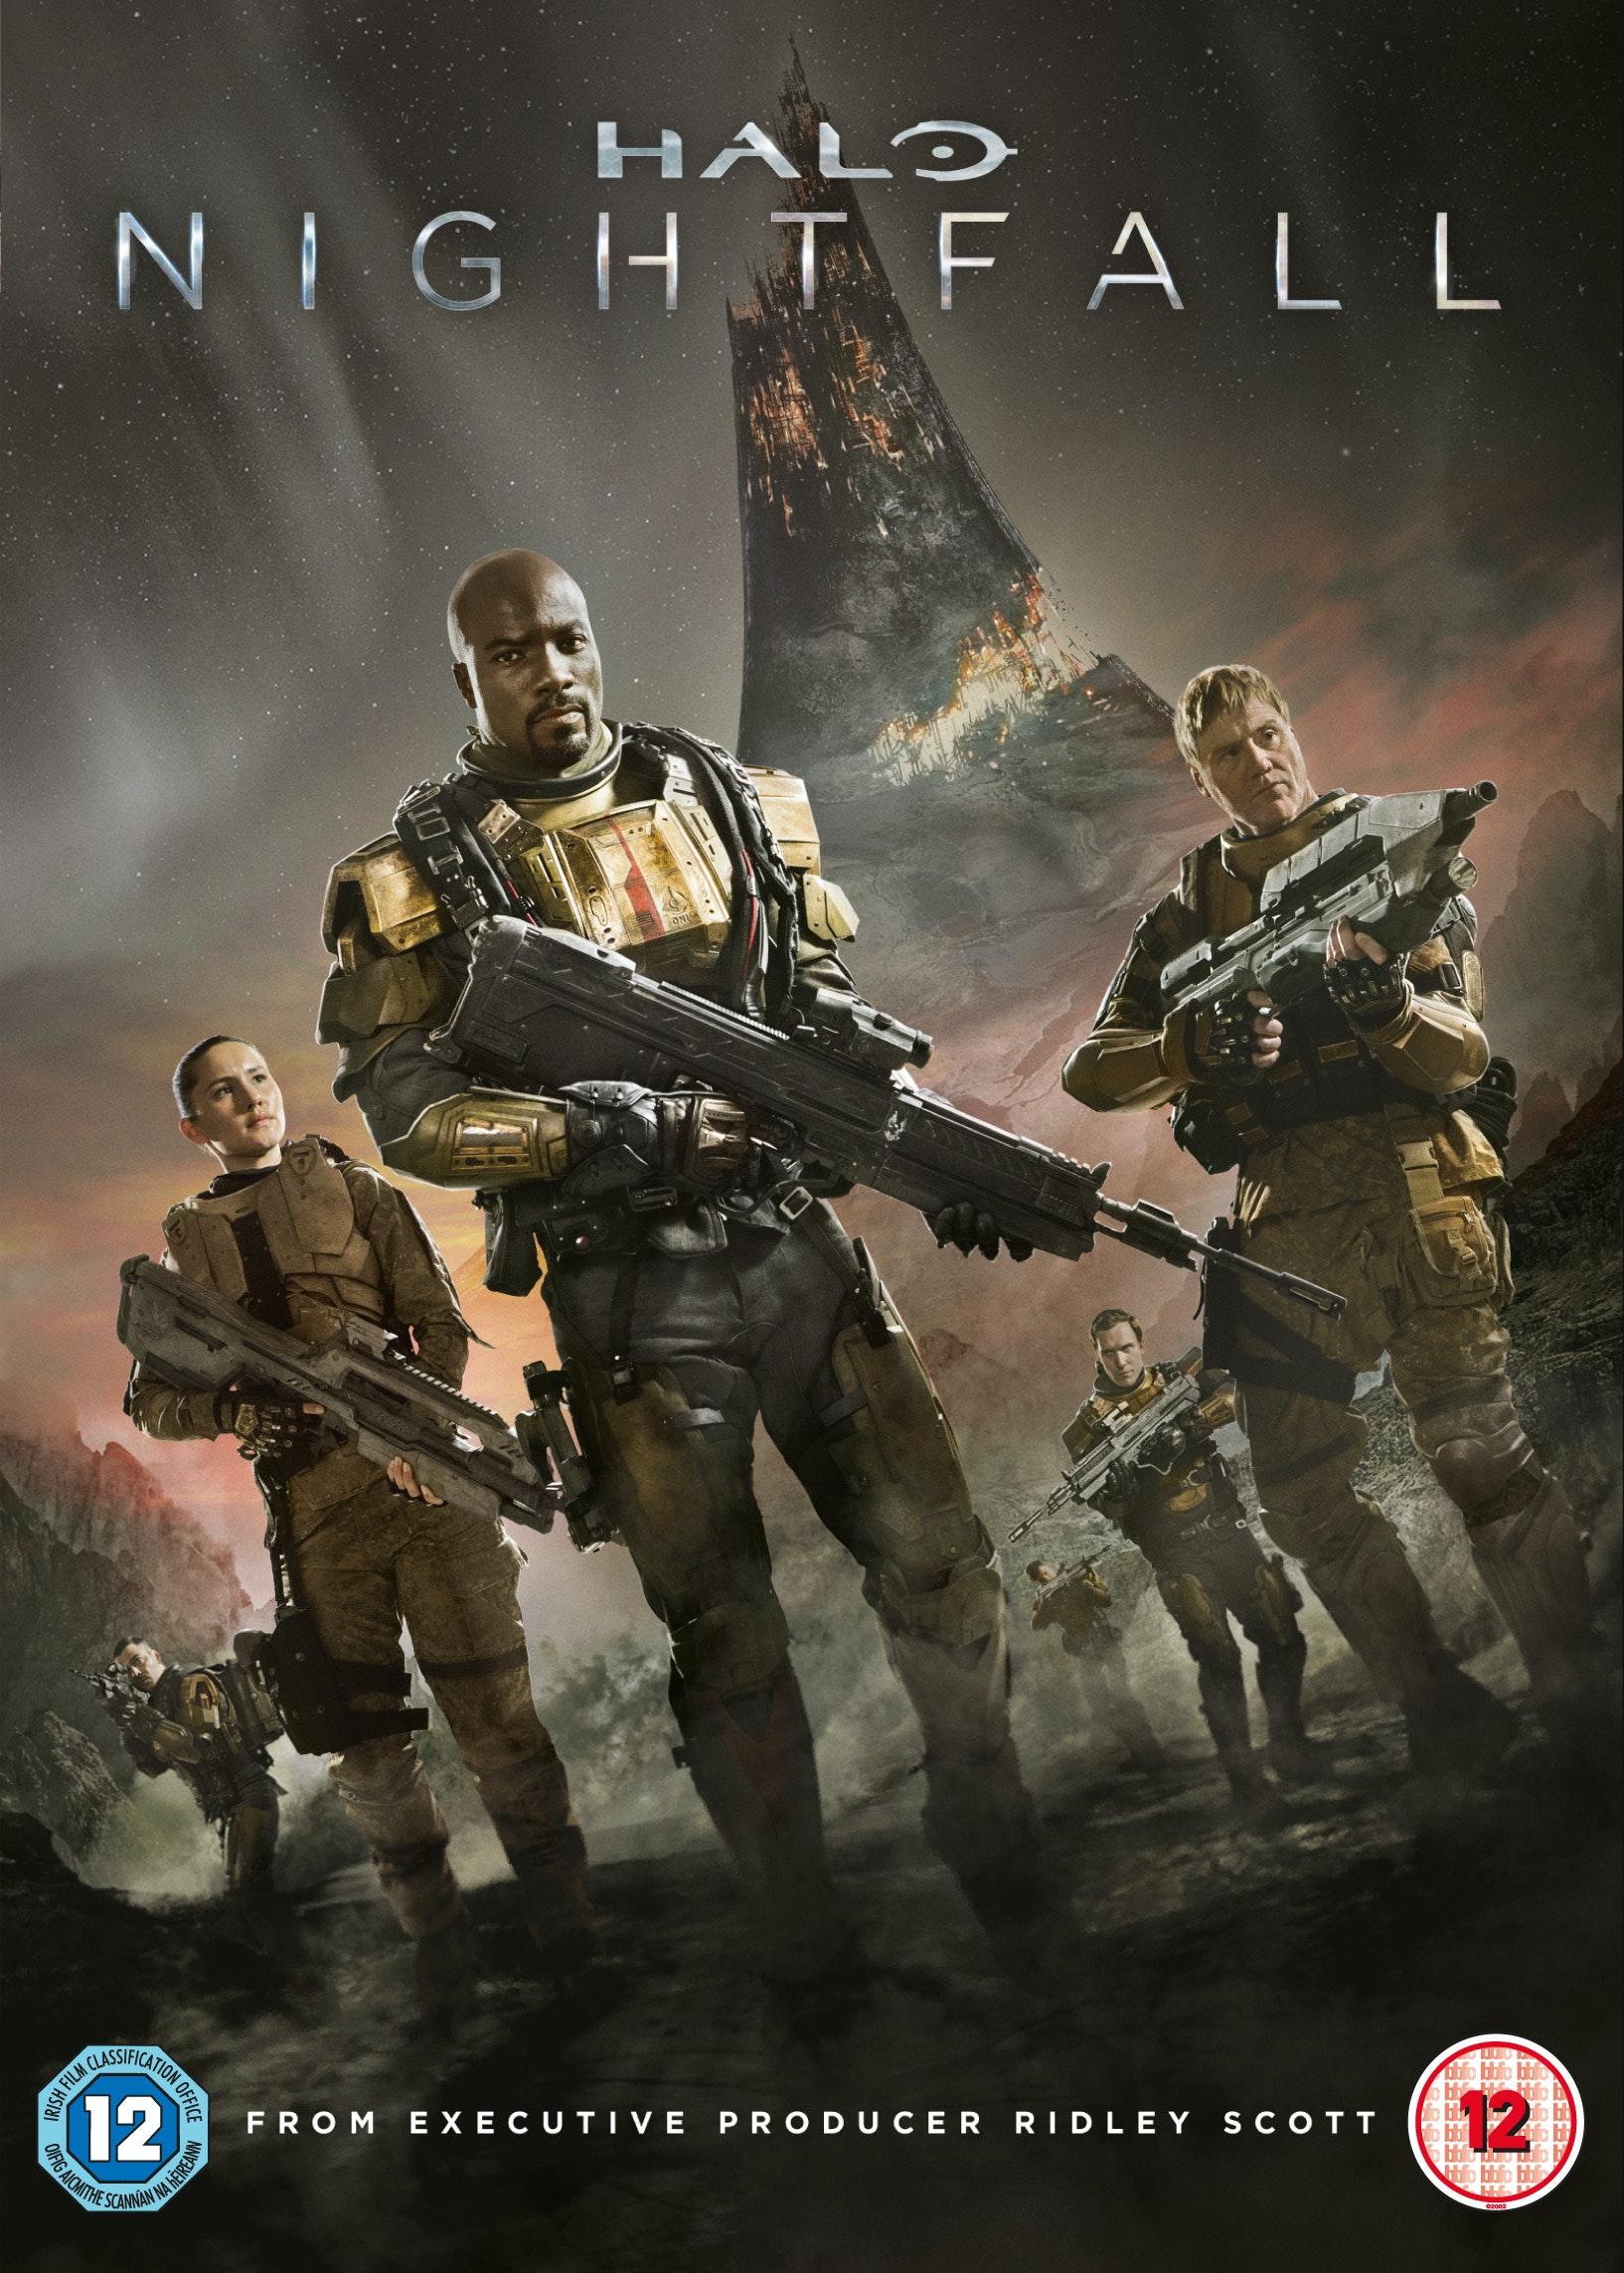 Halo: Nightfall  sweepstakes